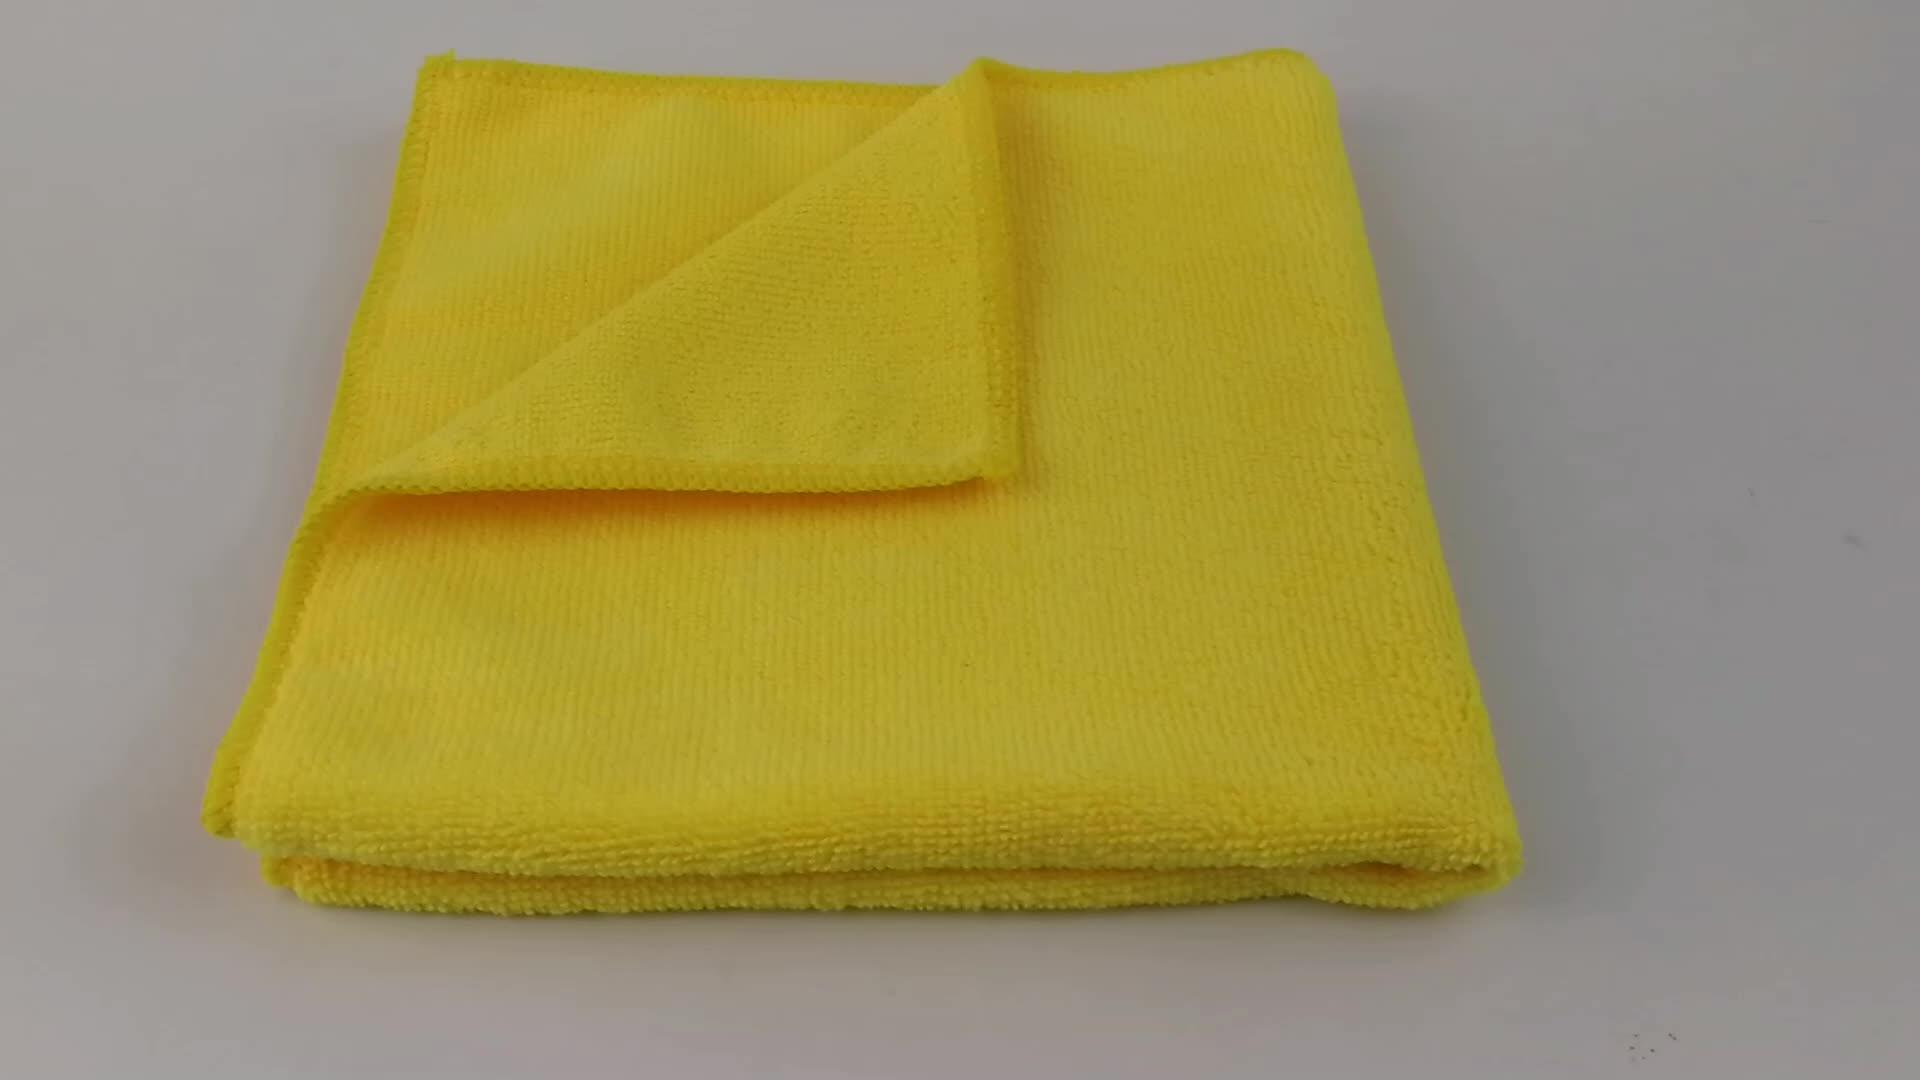 Multi-funzione di commercio all'ingrosso asciugamano in microfibra super assorbente e privo di lanugine micro fibra panno di pulizia prodotti di vetro panno